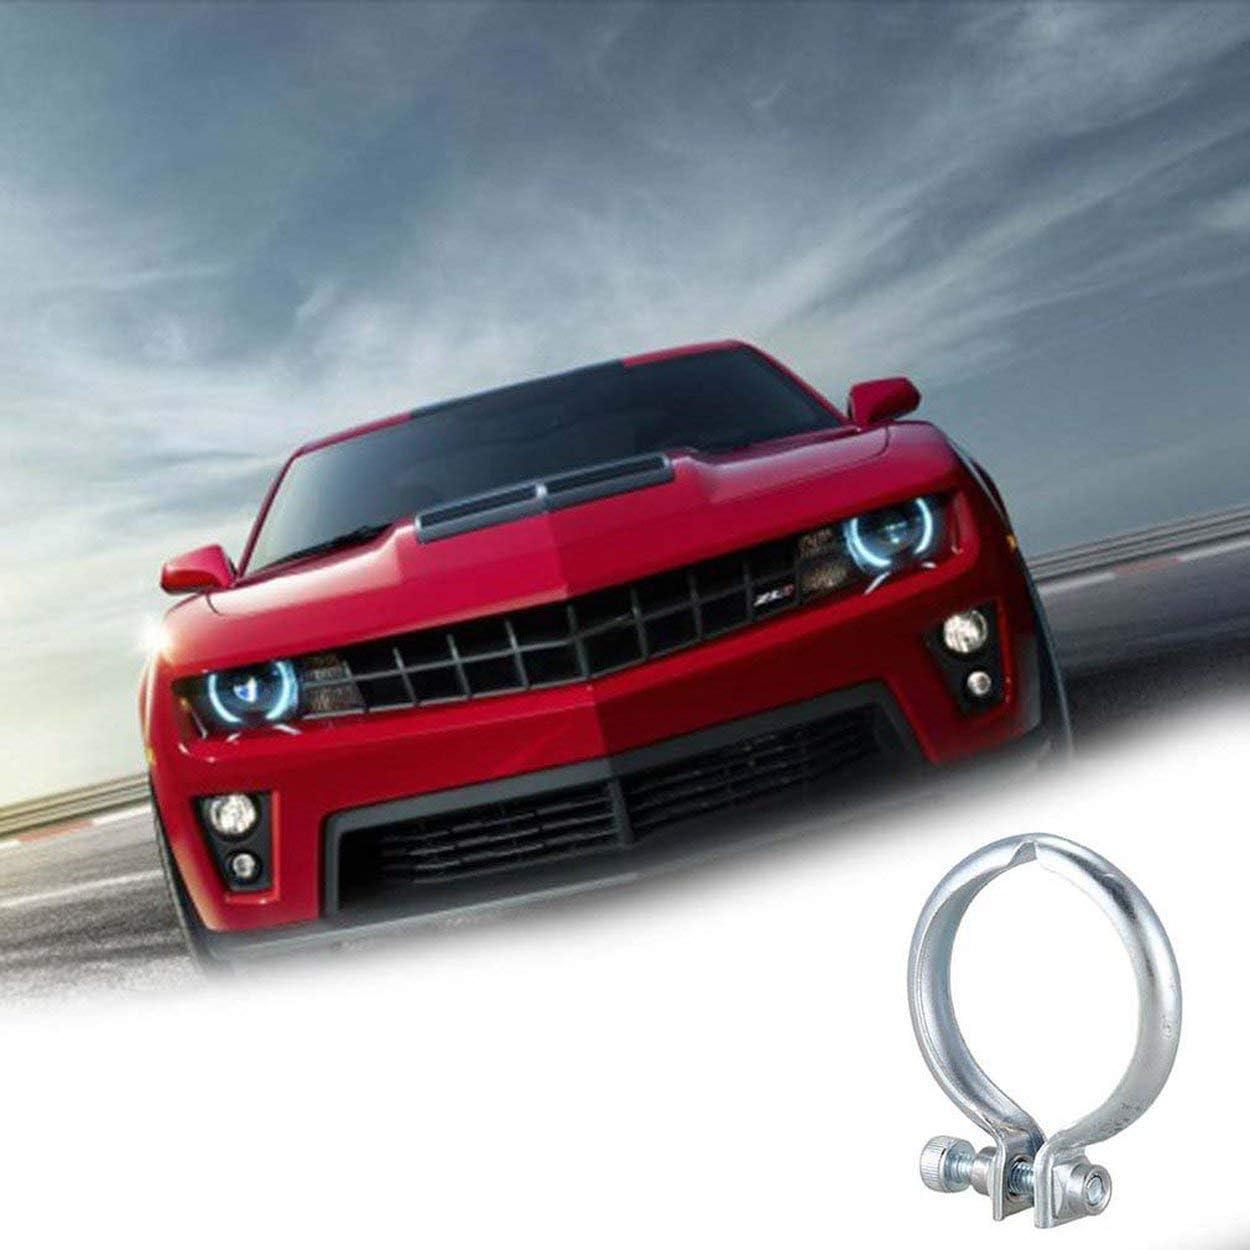 Lorenlli Collar de fijaci/ón EGR V/álvula Collar Abrazadera Alivio de tensi/ón para Citroen para Fiat para Ford para Mazda para Peugeot para Volvo para Opa